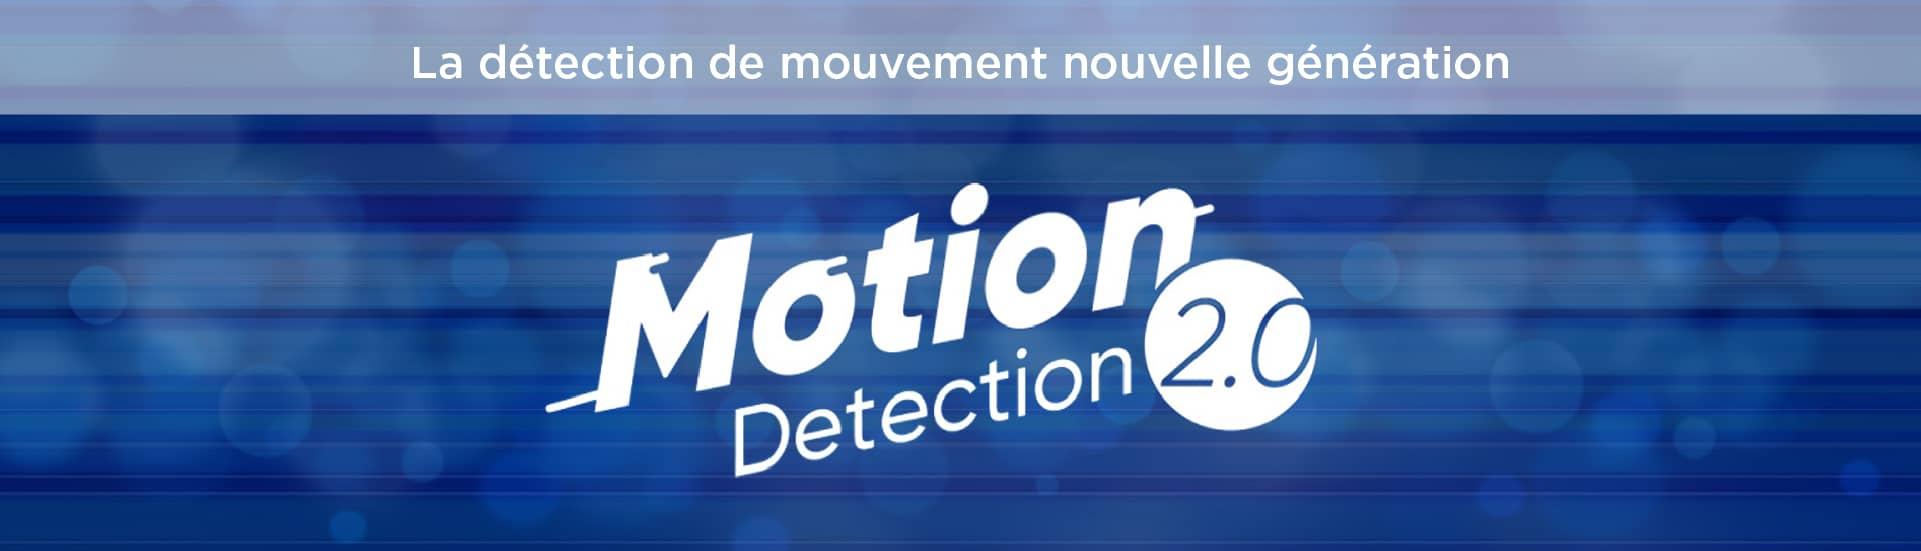 Détection de mouvement 2.0